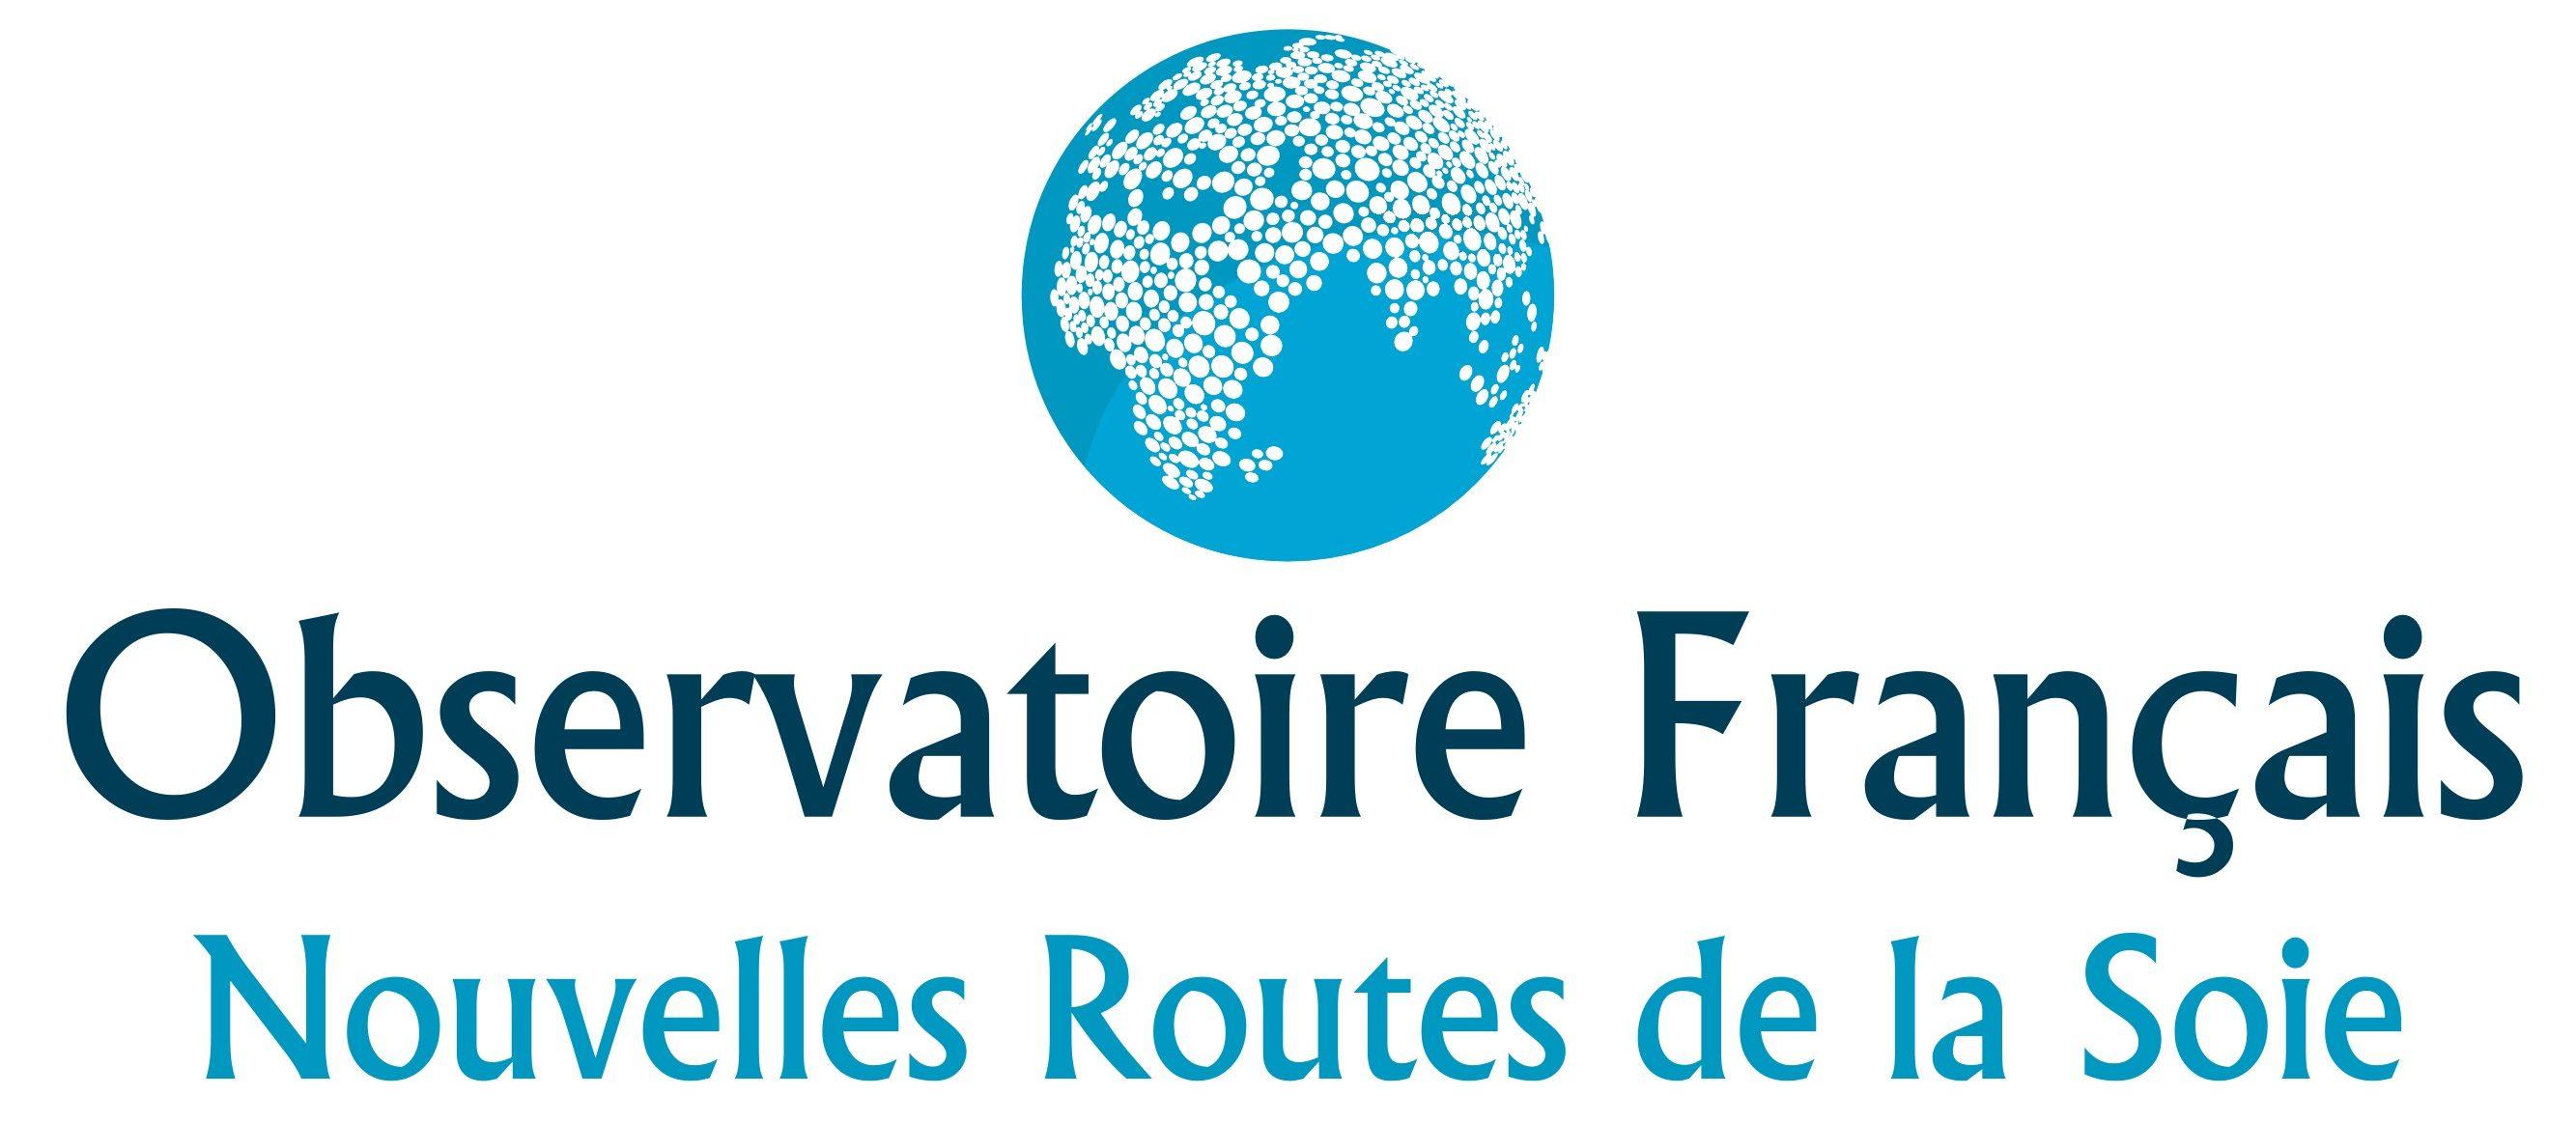 Observatoire Français des Nouvelles Routes de la Soie